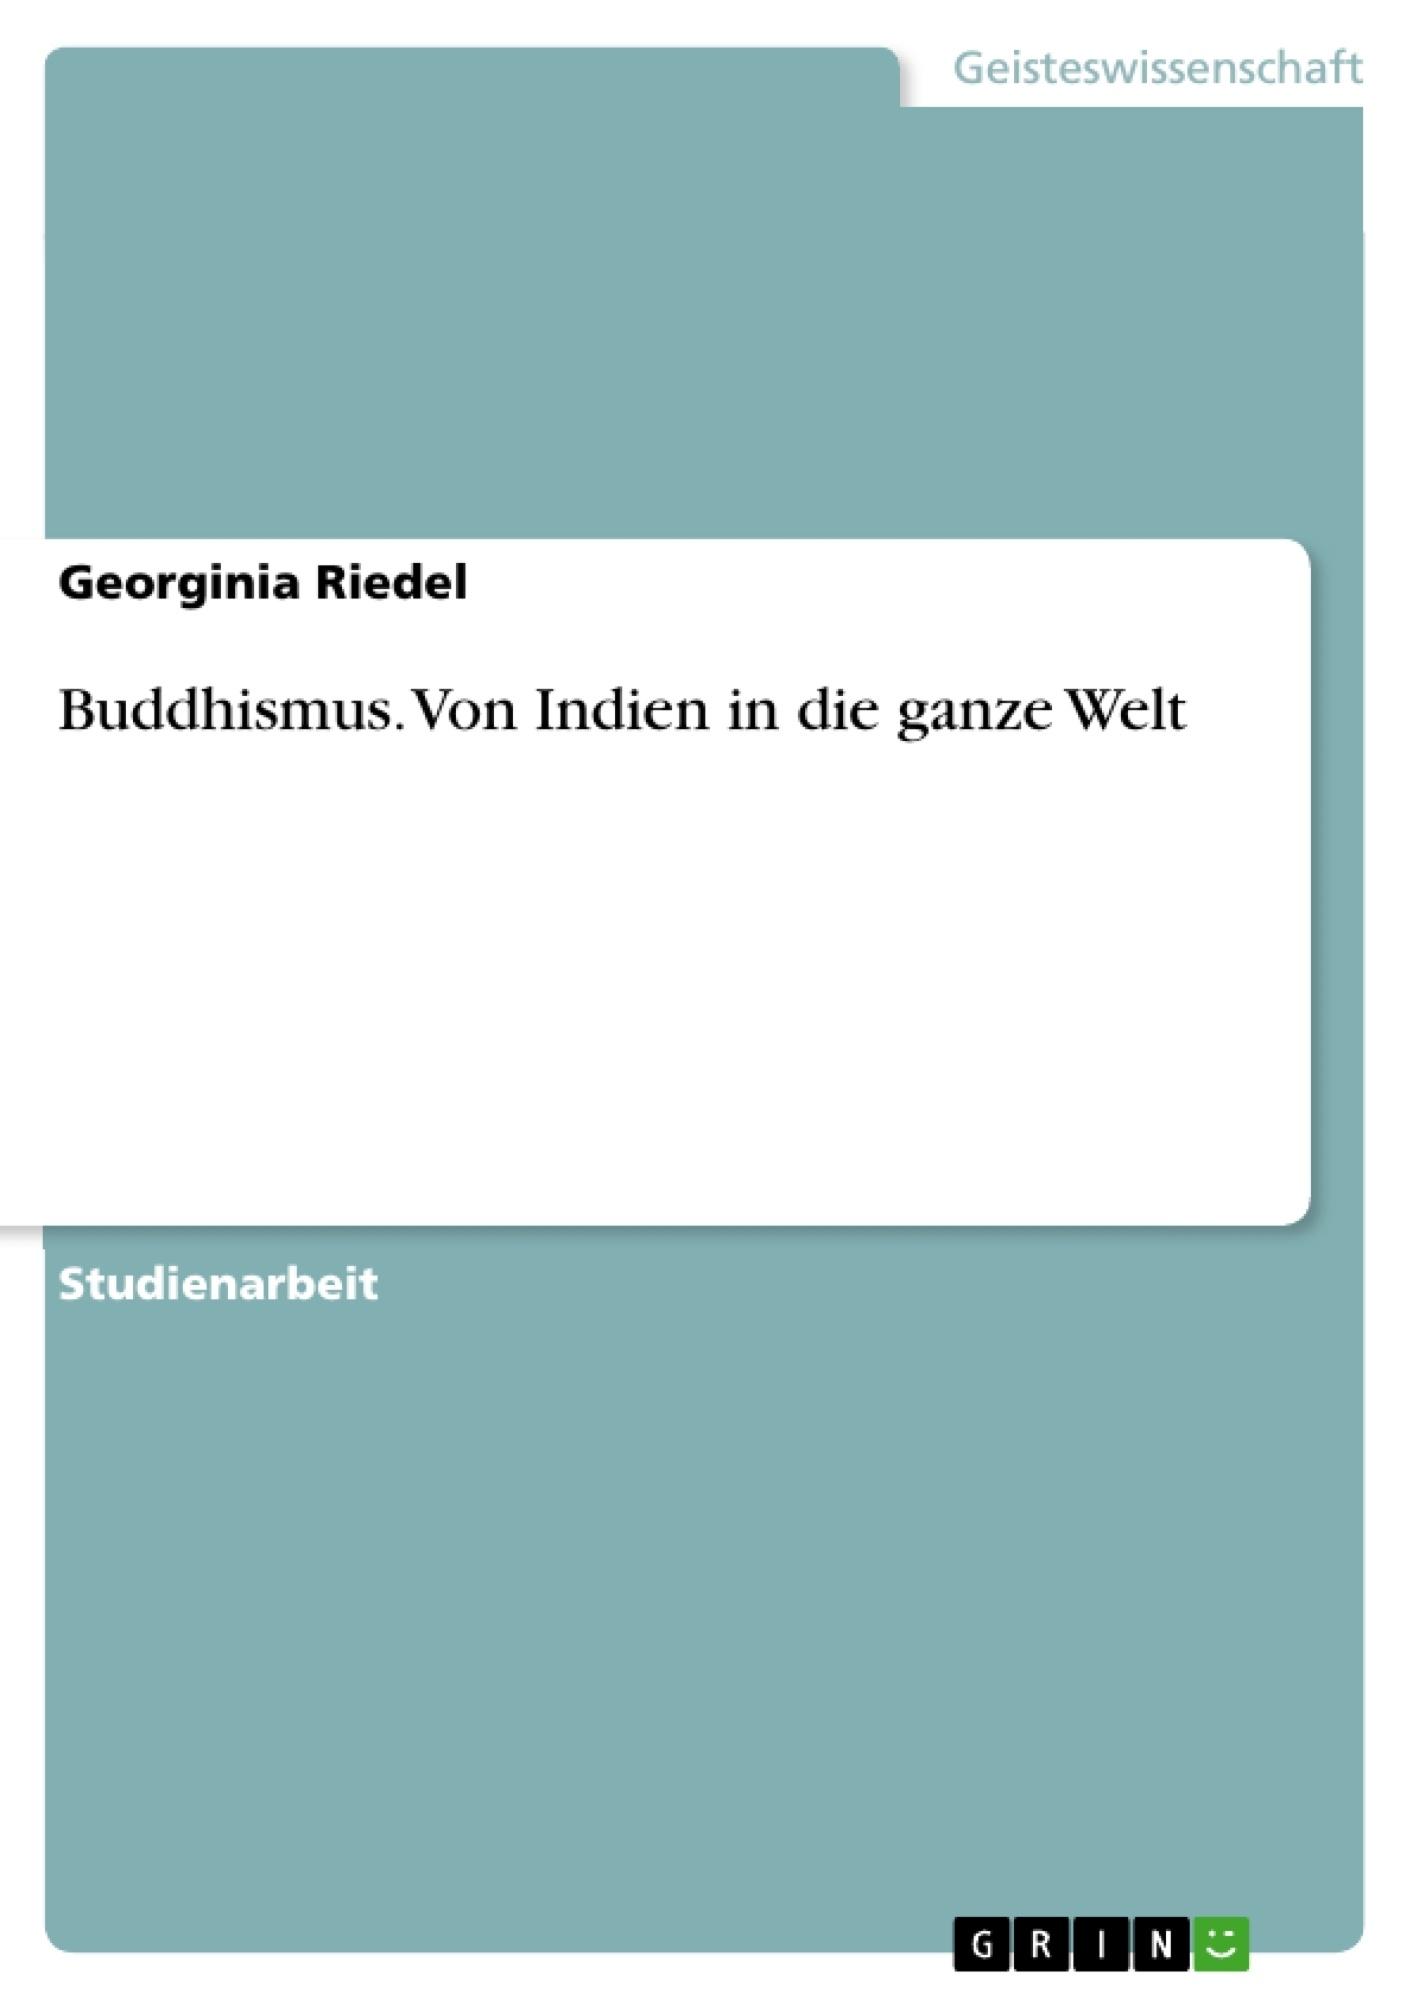 Titel: Buddhismus. Von Indien in die ganze Welt